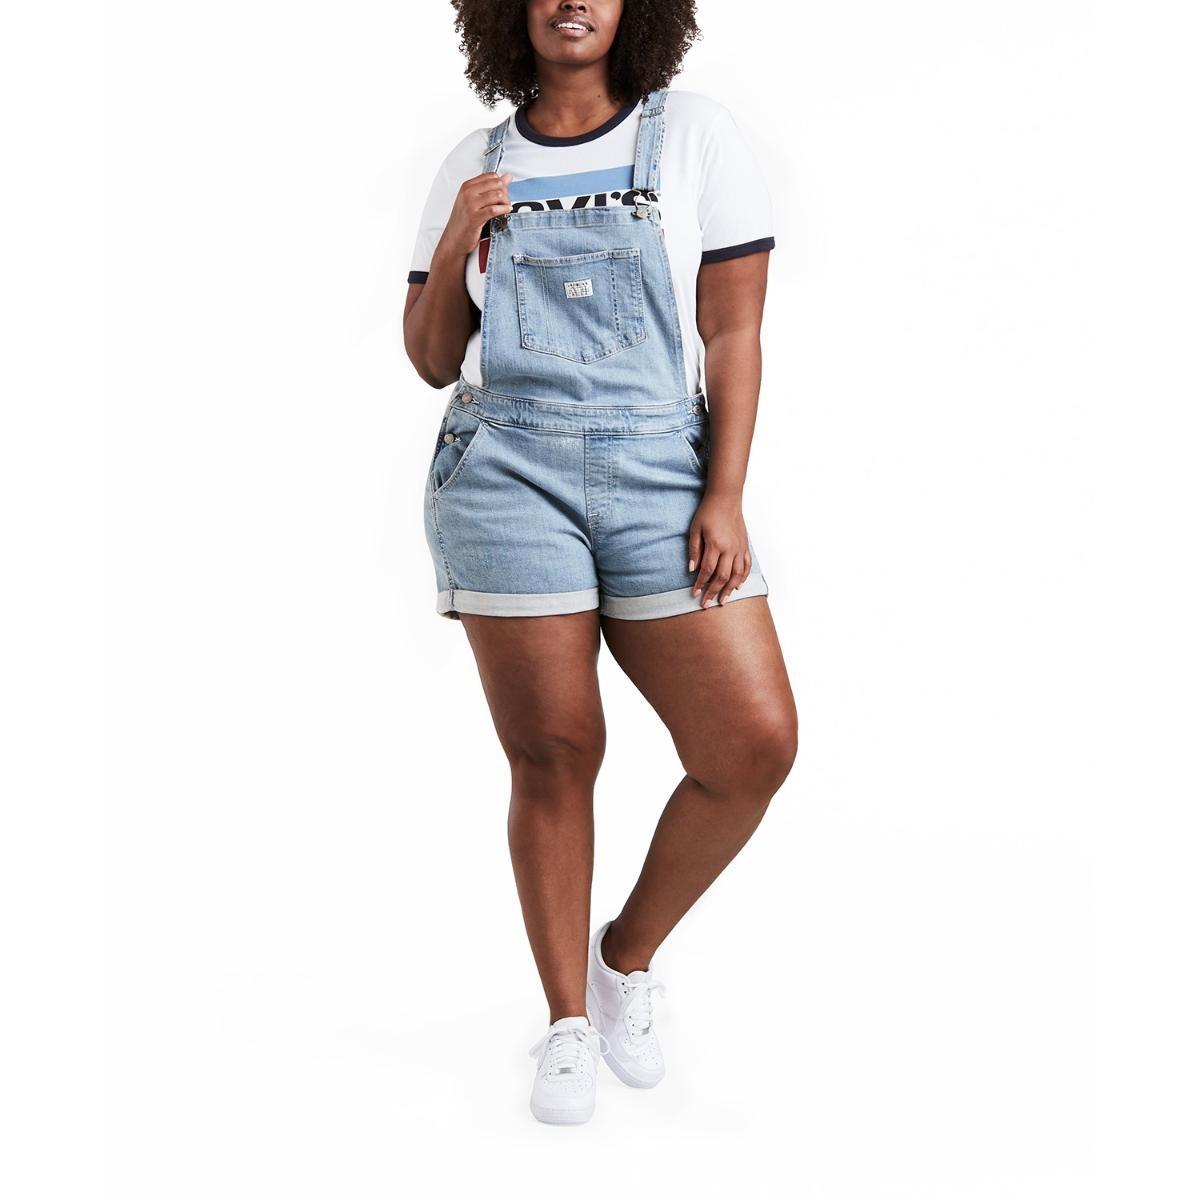 macacão feminino jeans levis short all plus size. Carregando zoom. 99493cd5d85